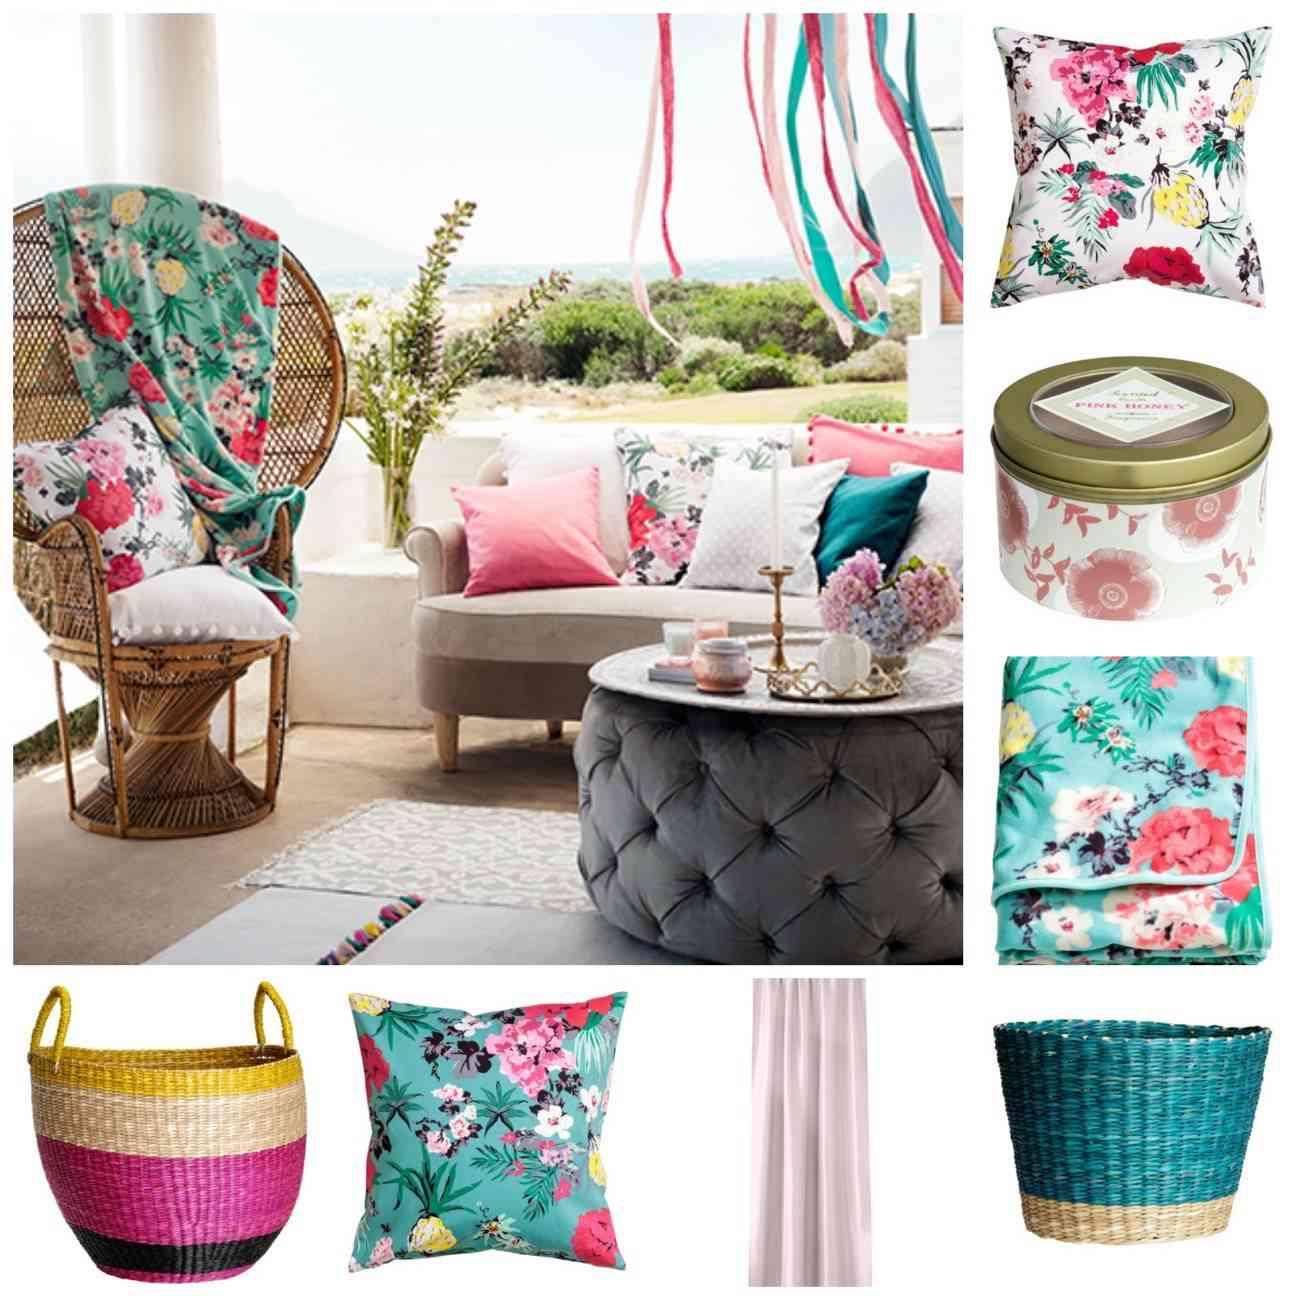 Decoración textiles florales y muy primaverales